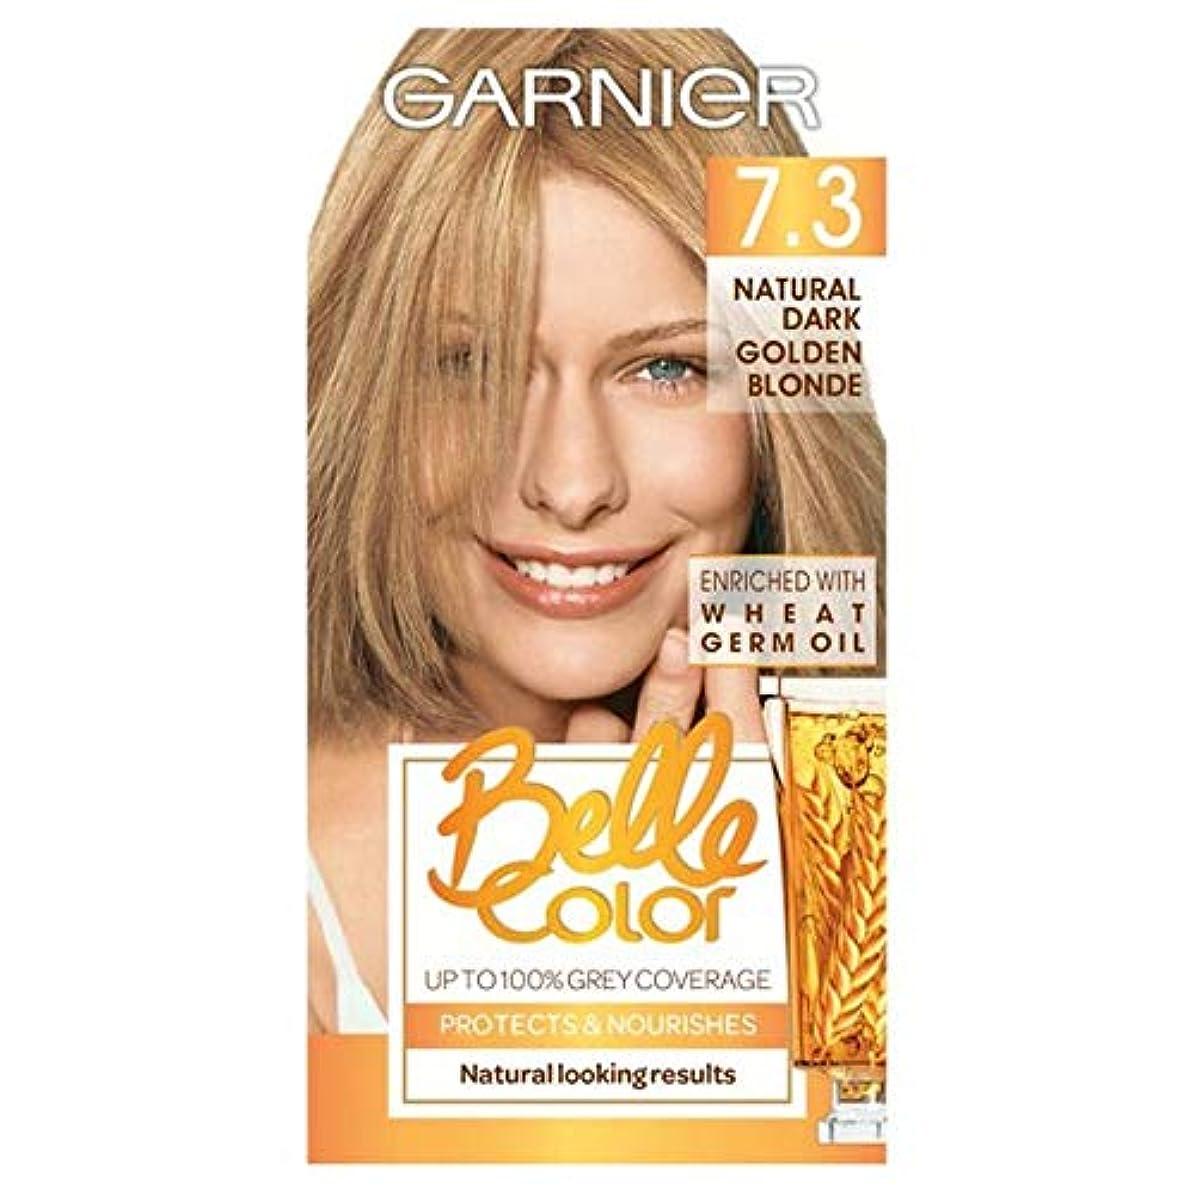 解読する生きる予報[Belle Color] ガルニエベルカラー7.3暗い金色のブロンド - Garnier Belle Color 7.3 Dark Golden Blonde [並行輸入品]